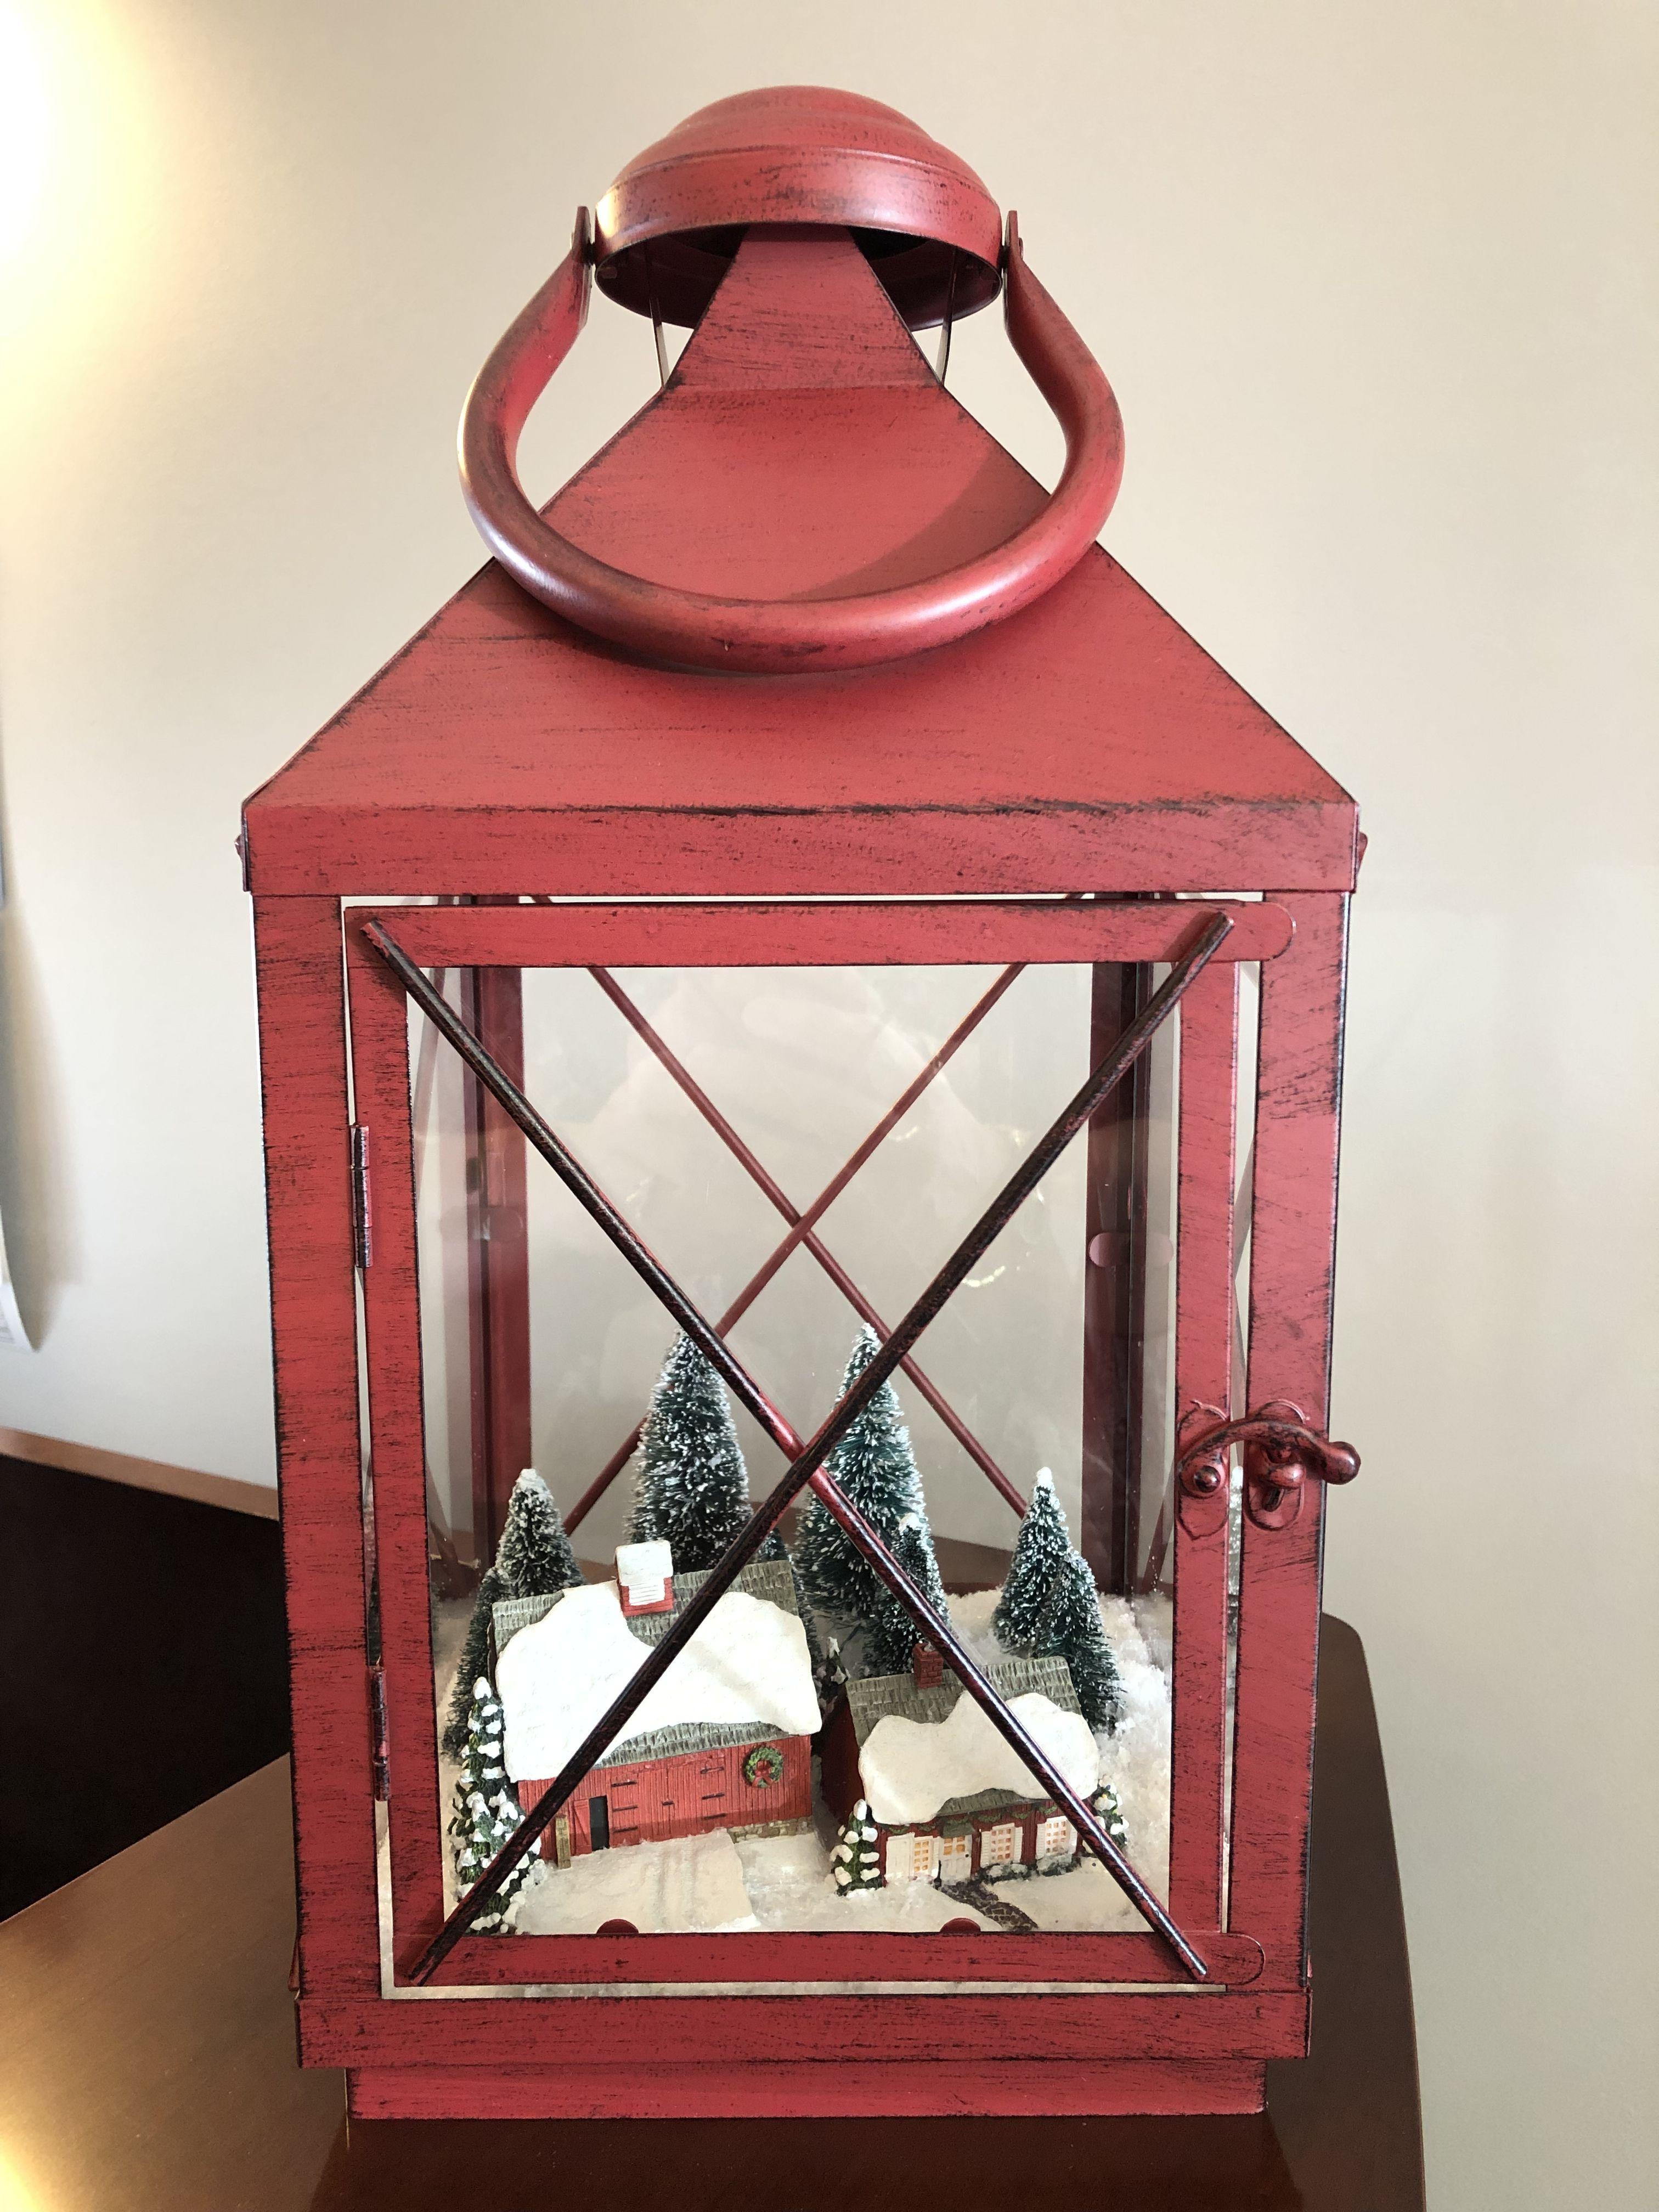 Pin by Linda L on Lantern Jar Displays